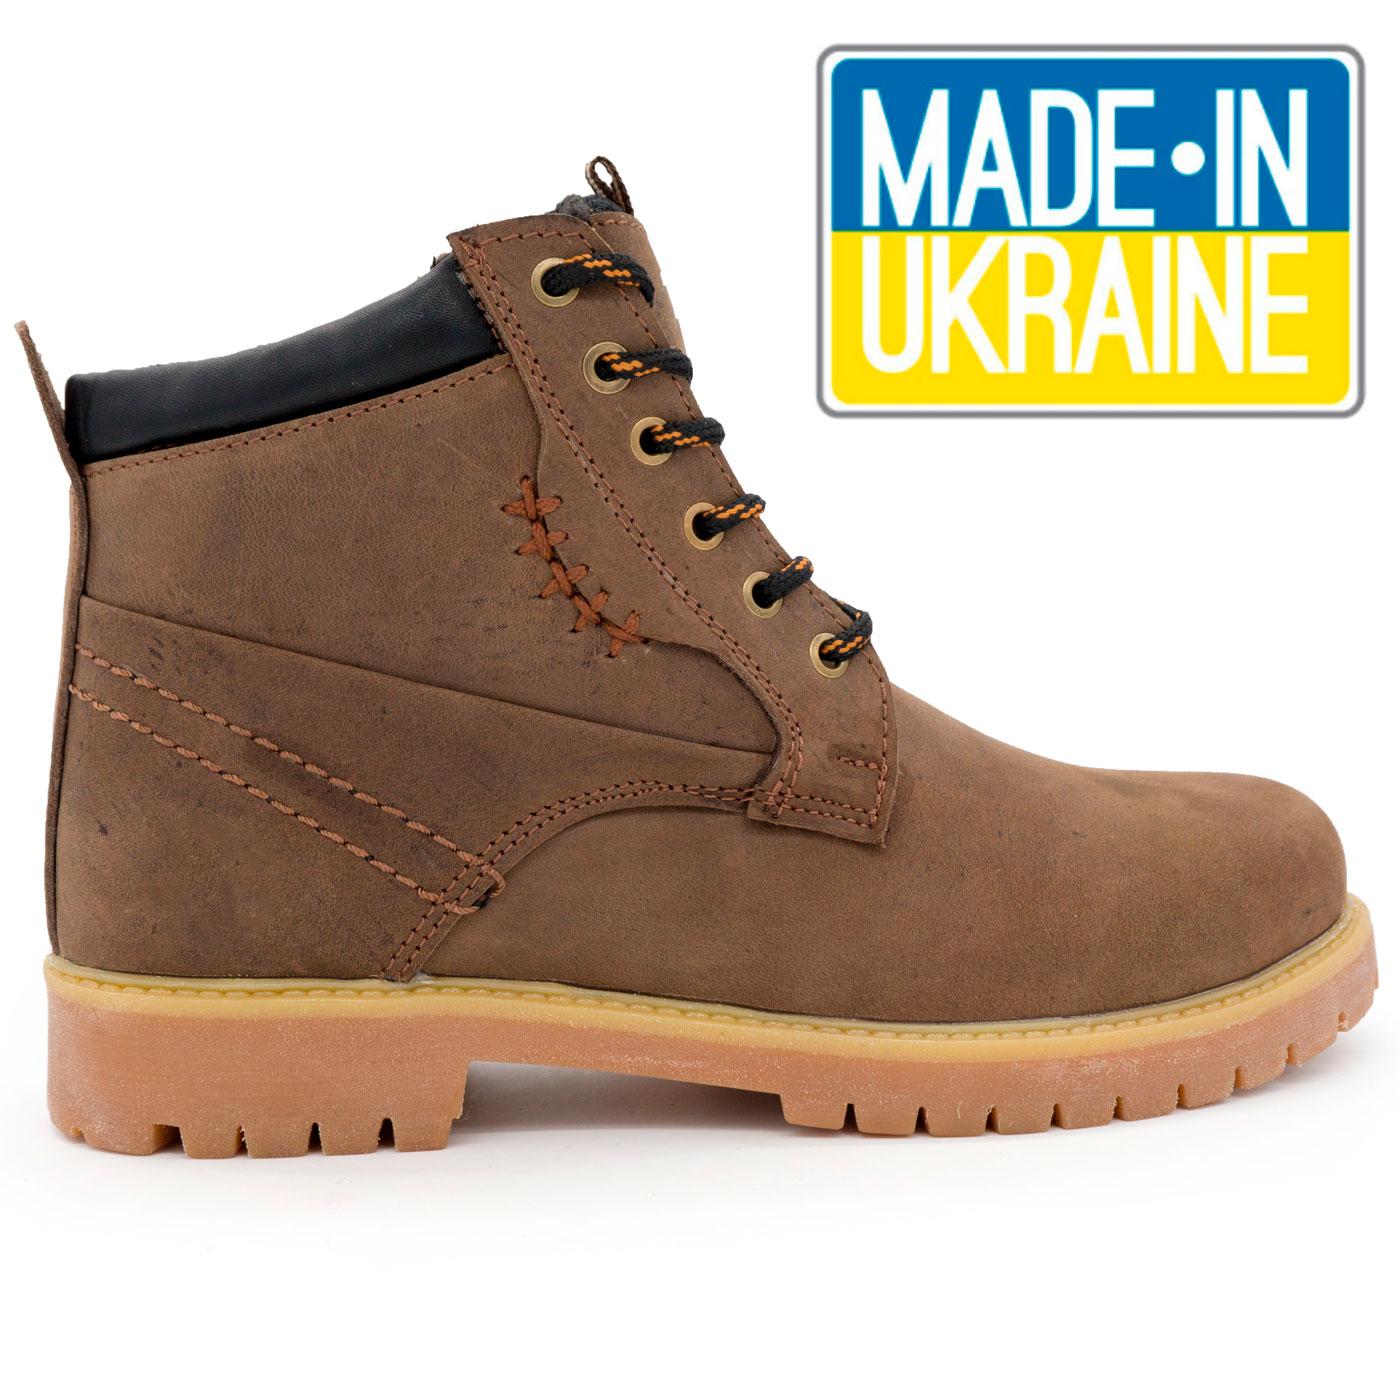 фото main Женские ботинки Реплика Timberland коричневые 101 (сделано в Украине) main